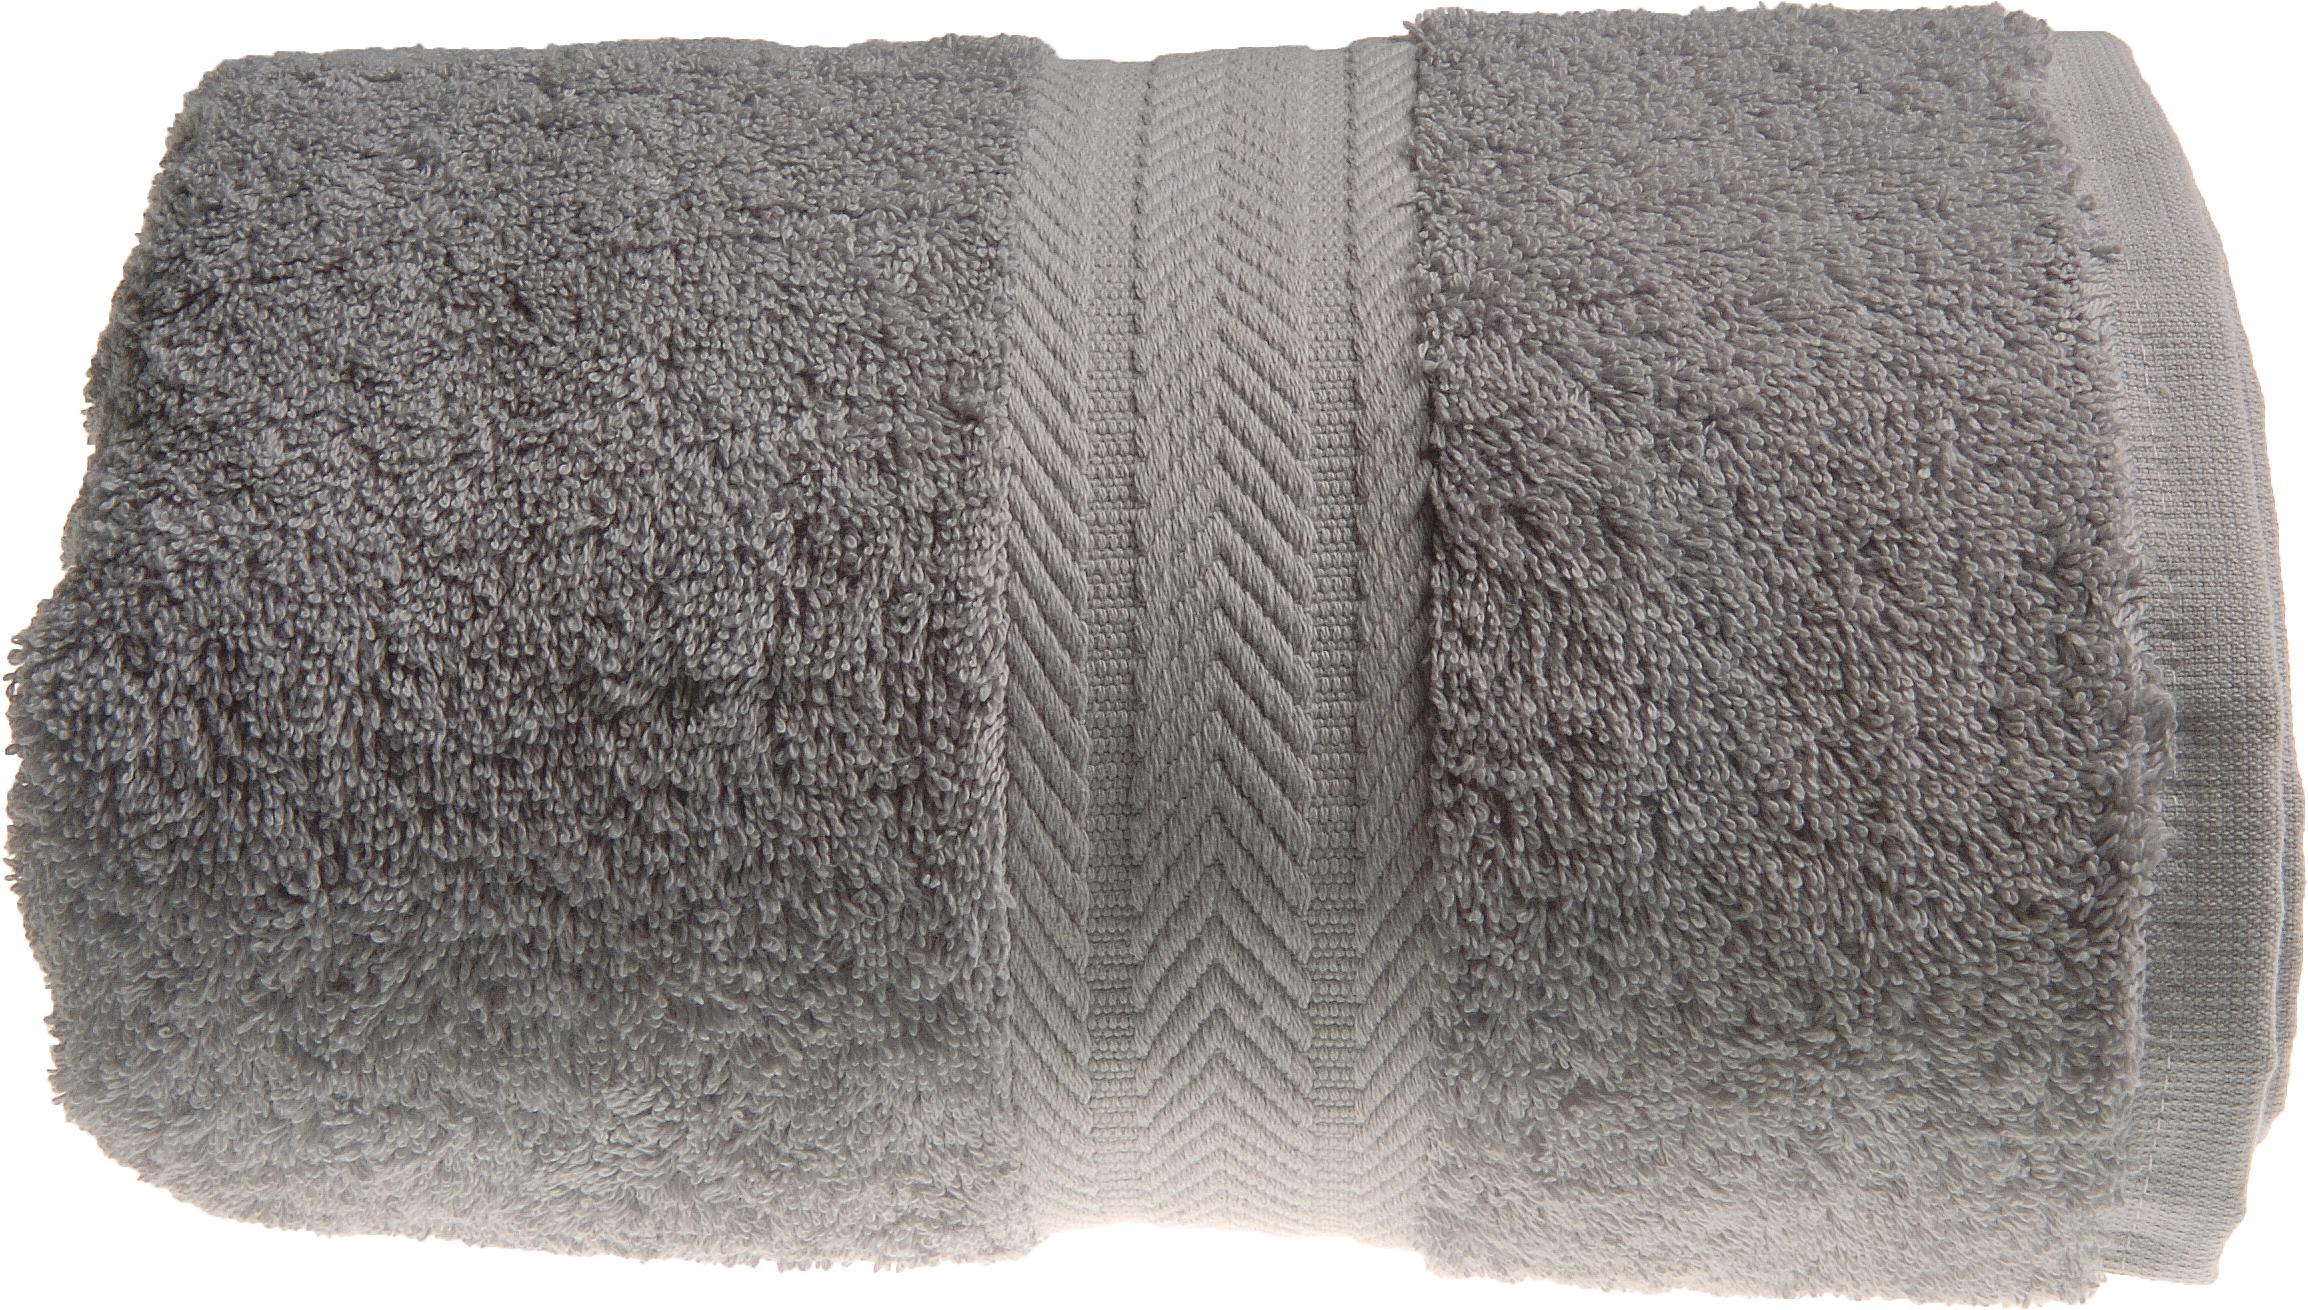 serviette de toilette 50 x 100 cm en coton couleur gris. Black Bedroom Furniture Sets. Home Design Ideas